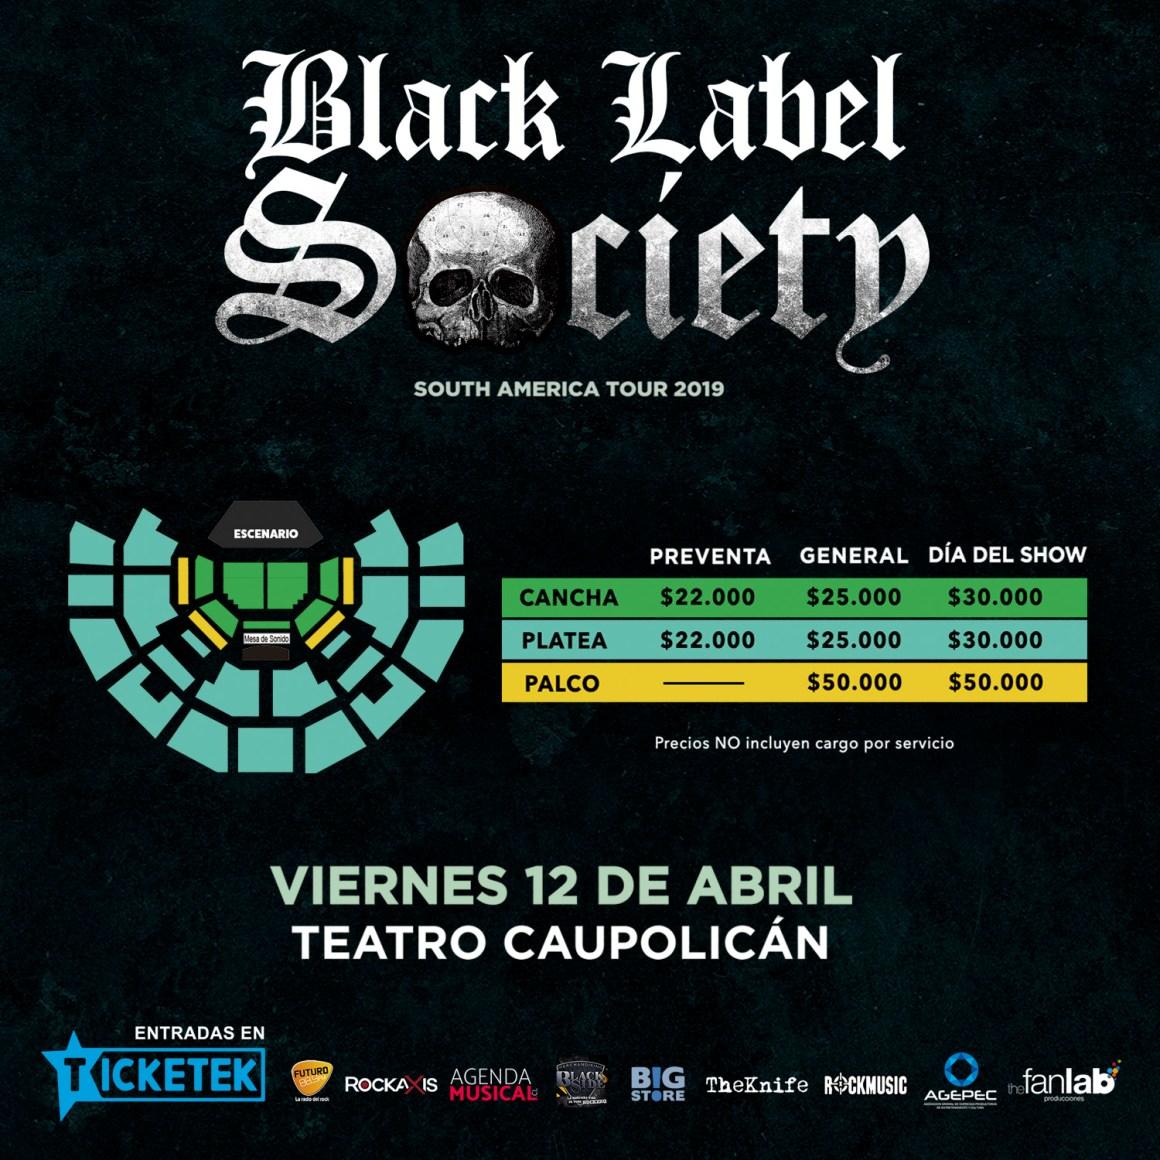 It's just an image of Crazy Black Label Precio Chile